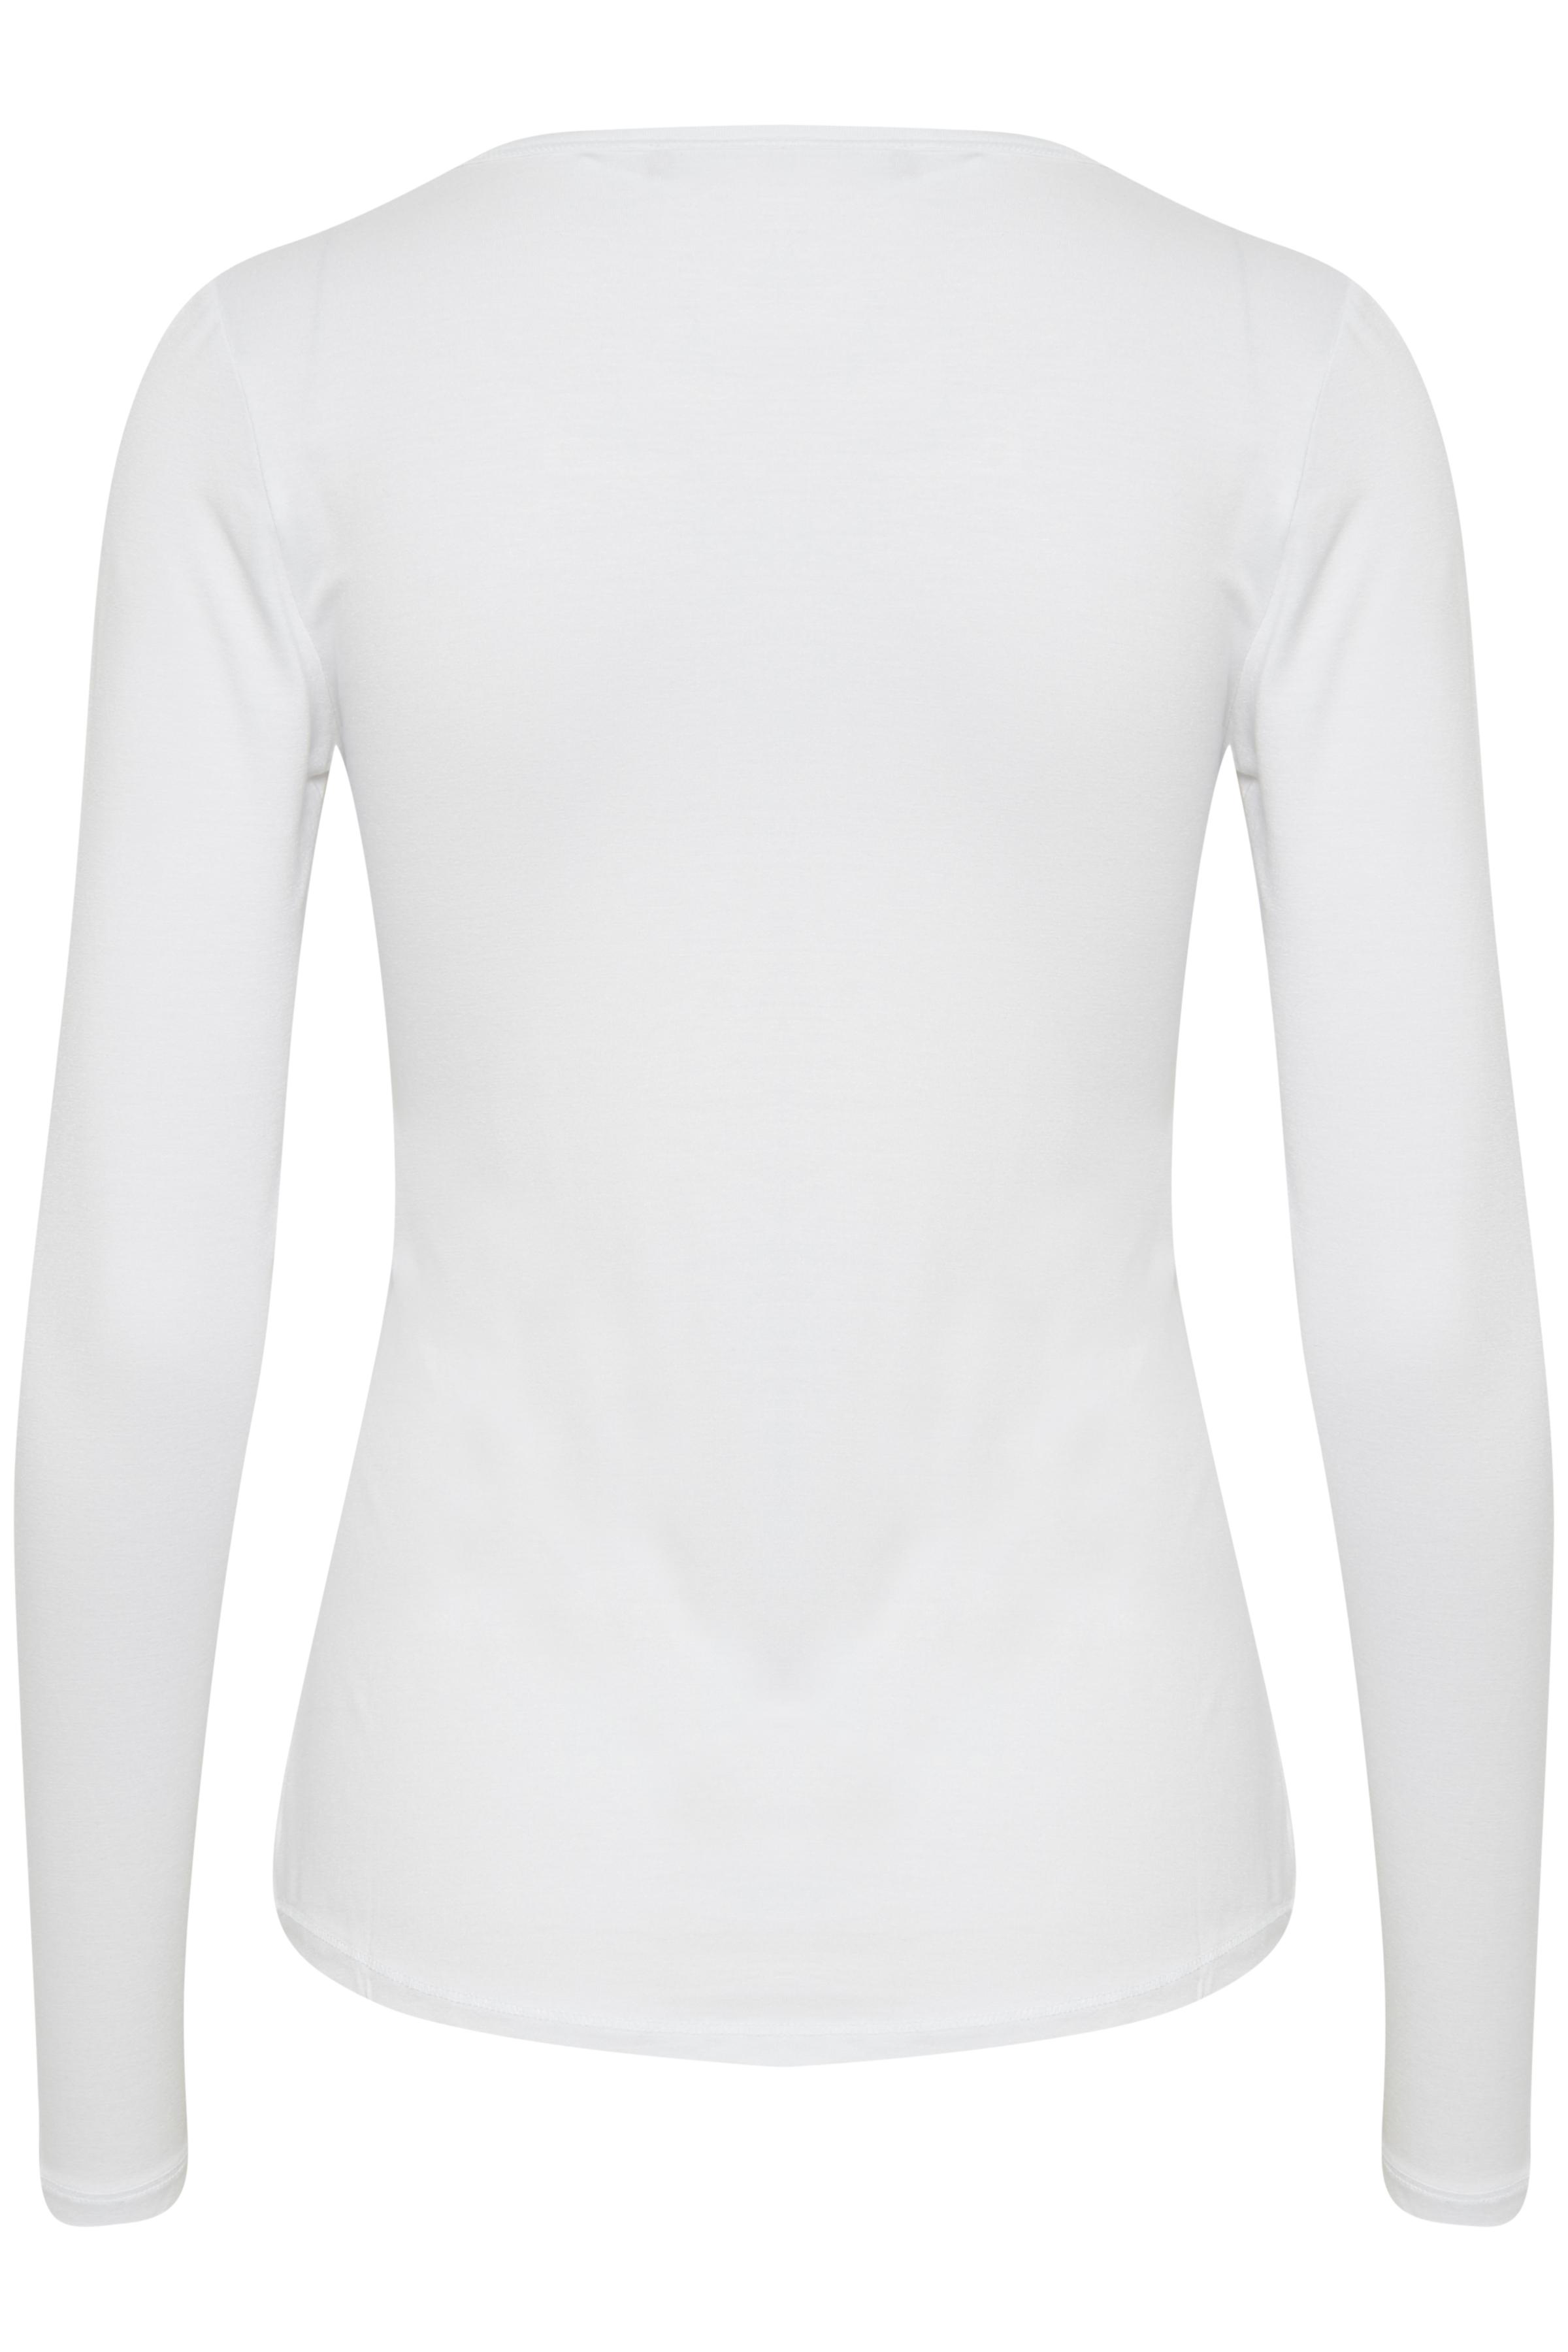 Vit Långärmad T-shirt från Fransa – Köp Vit Långärmad T-shirt från stl. XS-XXL här